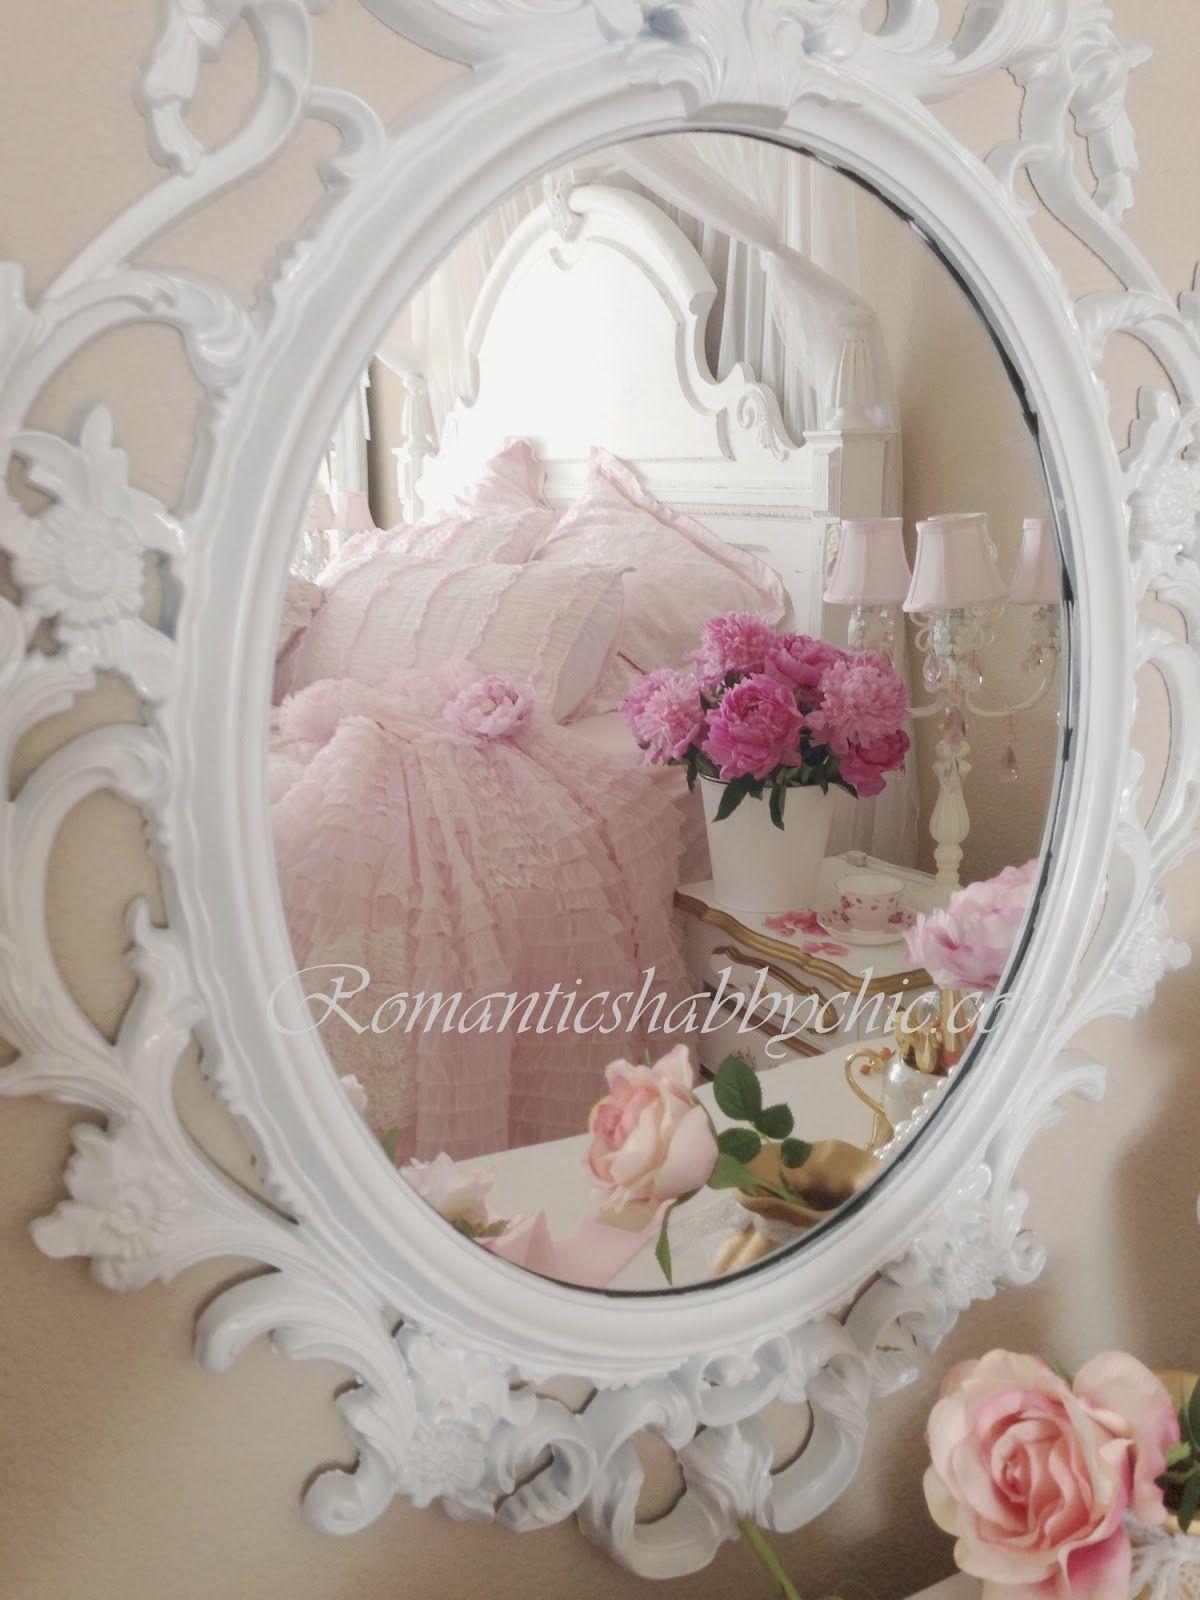 decoracion romantica dormitorios romnticos dulce vida recibidores espejos dormir rosas estilo shabby chic romntico shabby chic